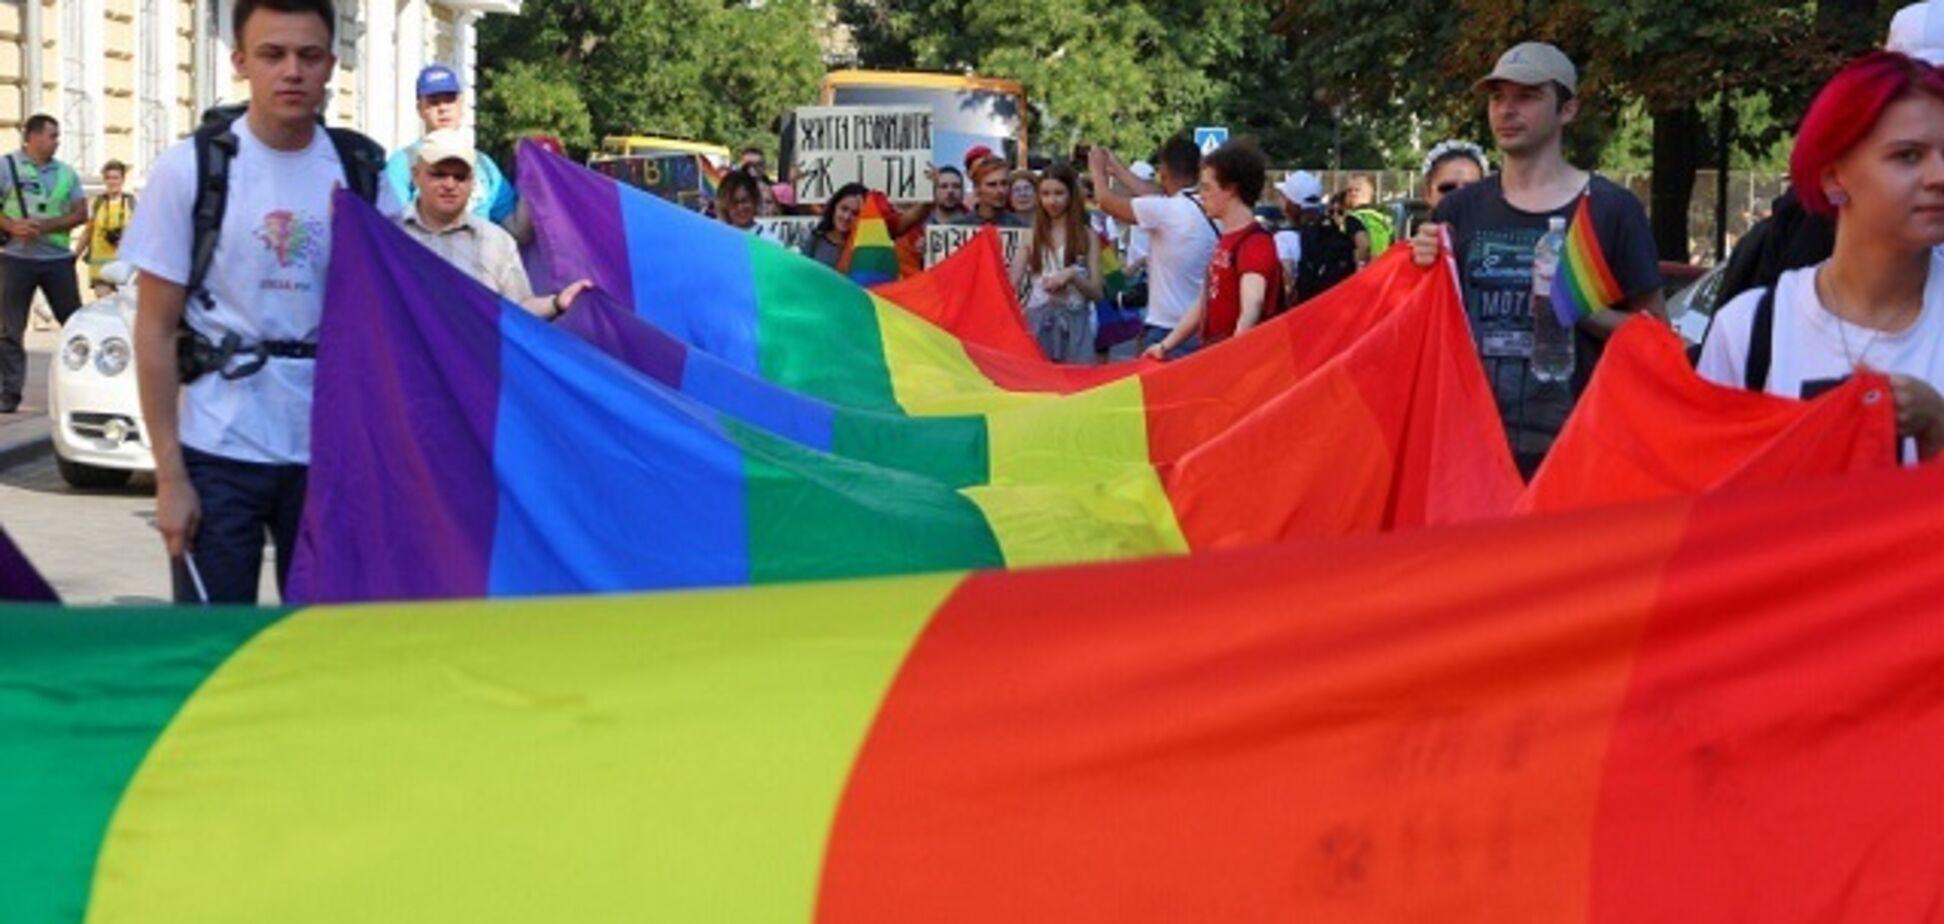 В Одессе избили участников ЛГБТ-марша: появились фото и видео